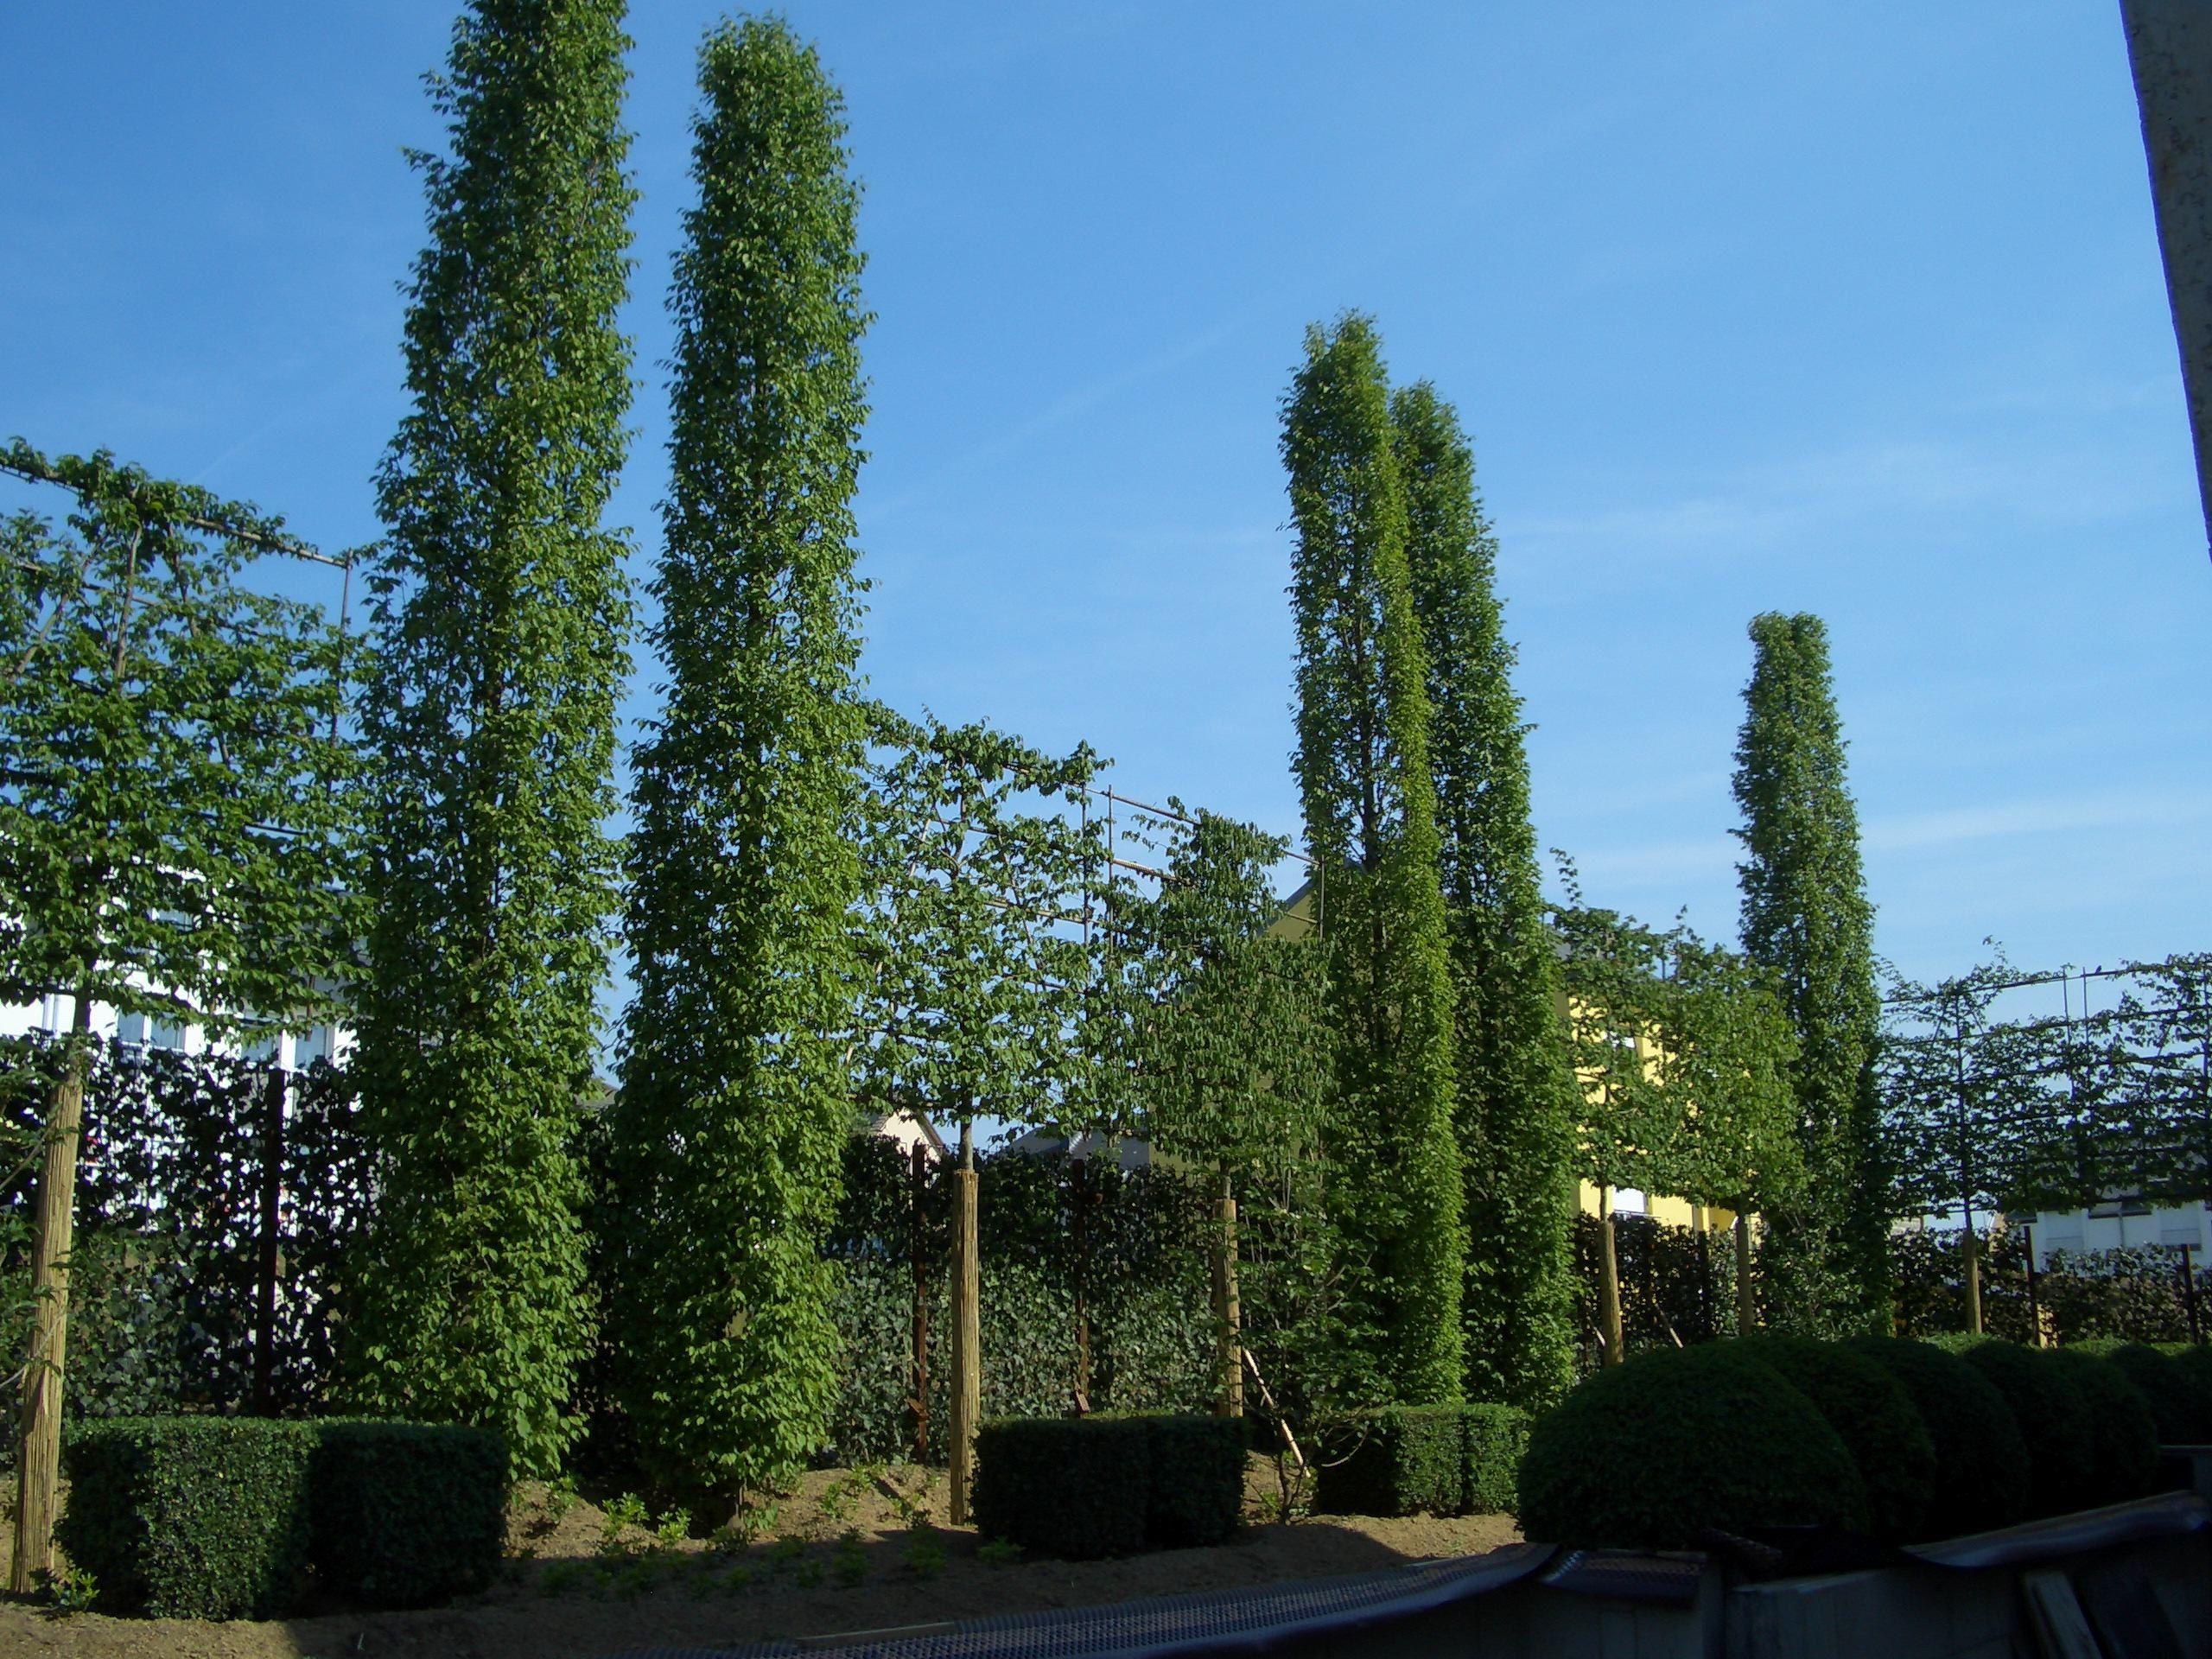 Spalierbäume die schwebende Hecke Grenzgestalltung